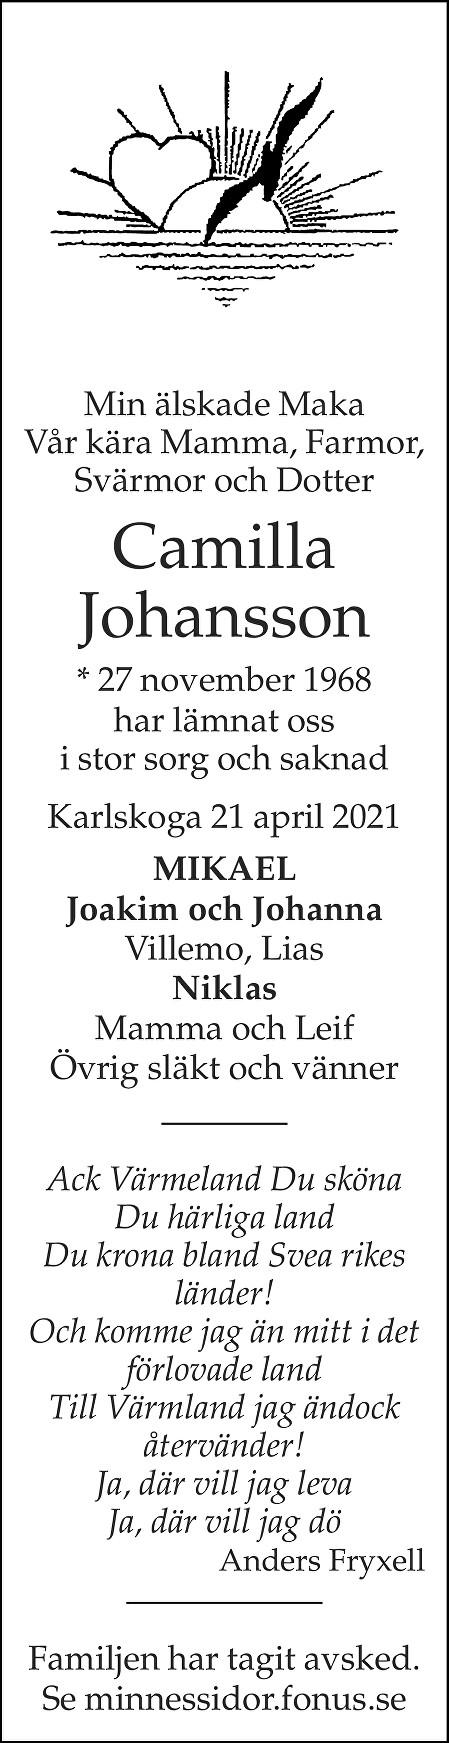 Camilla Johansson Death notice